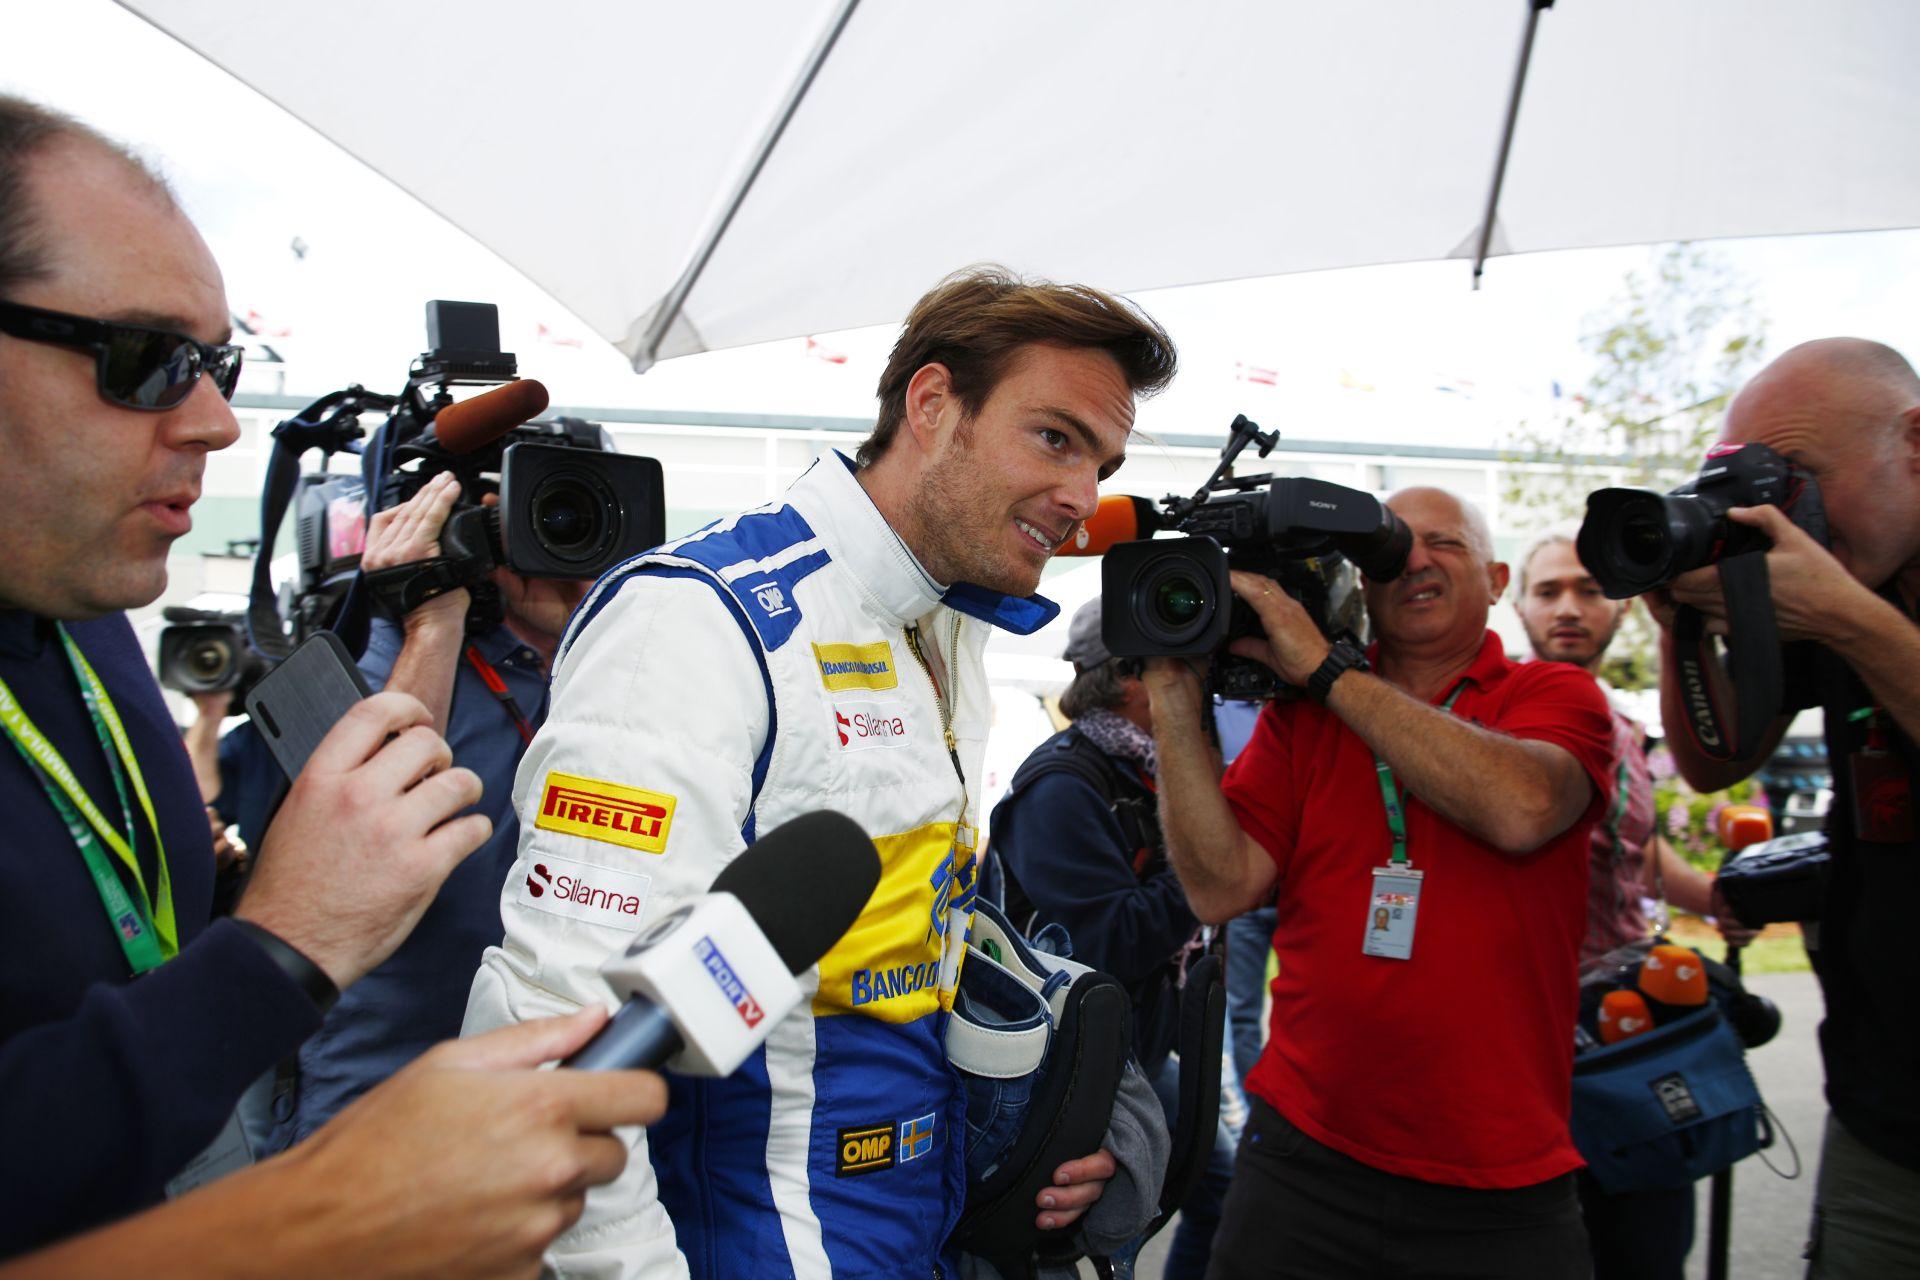 Hatalmas beszólás az ex-F1-es versenyzőtől: Vajon a Sauber veszi a poént?